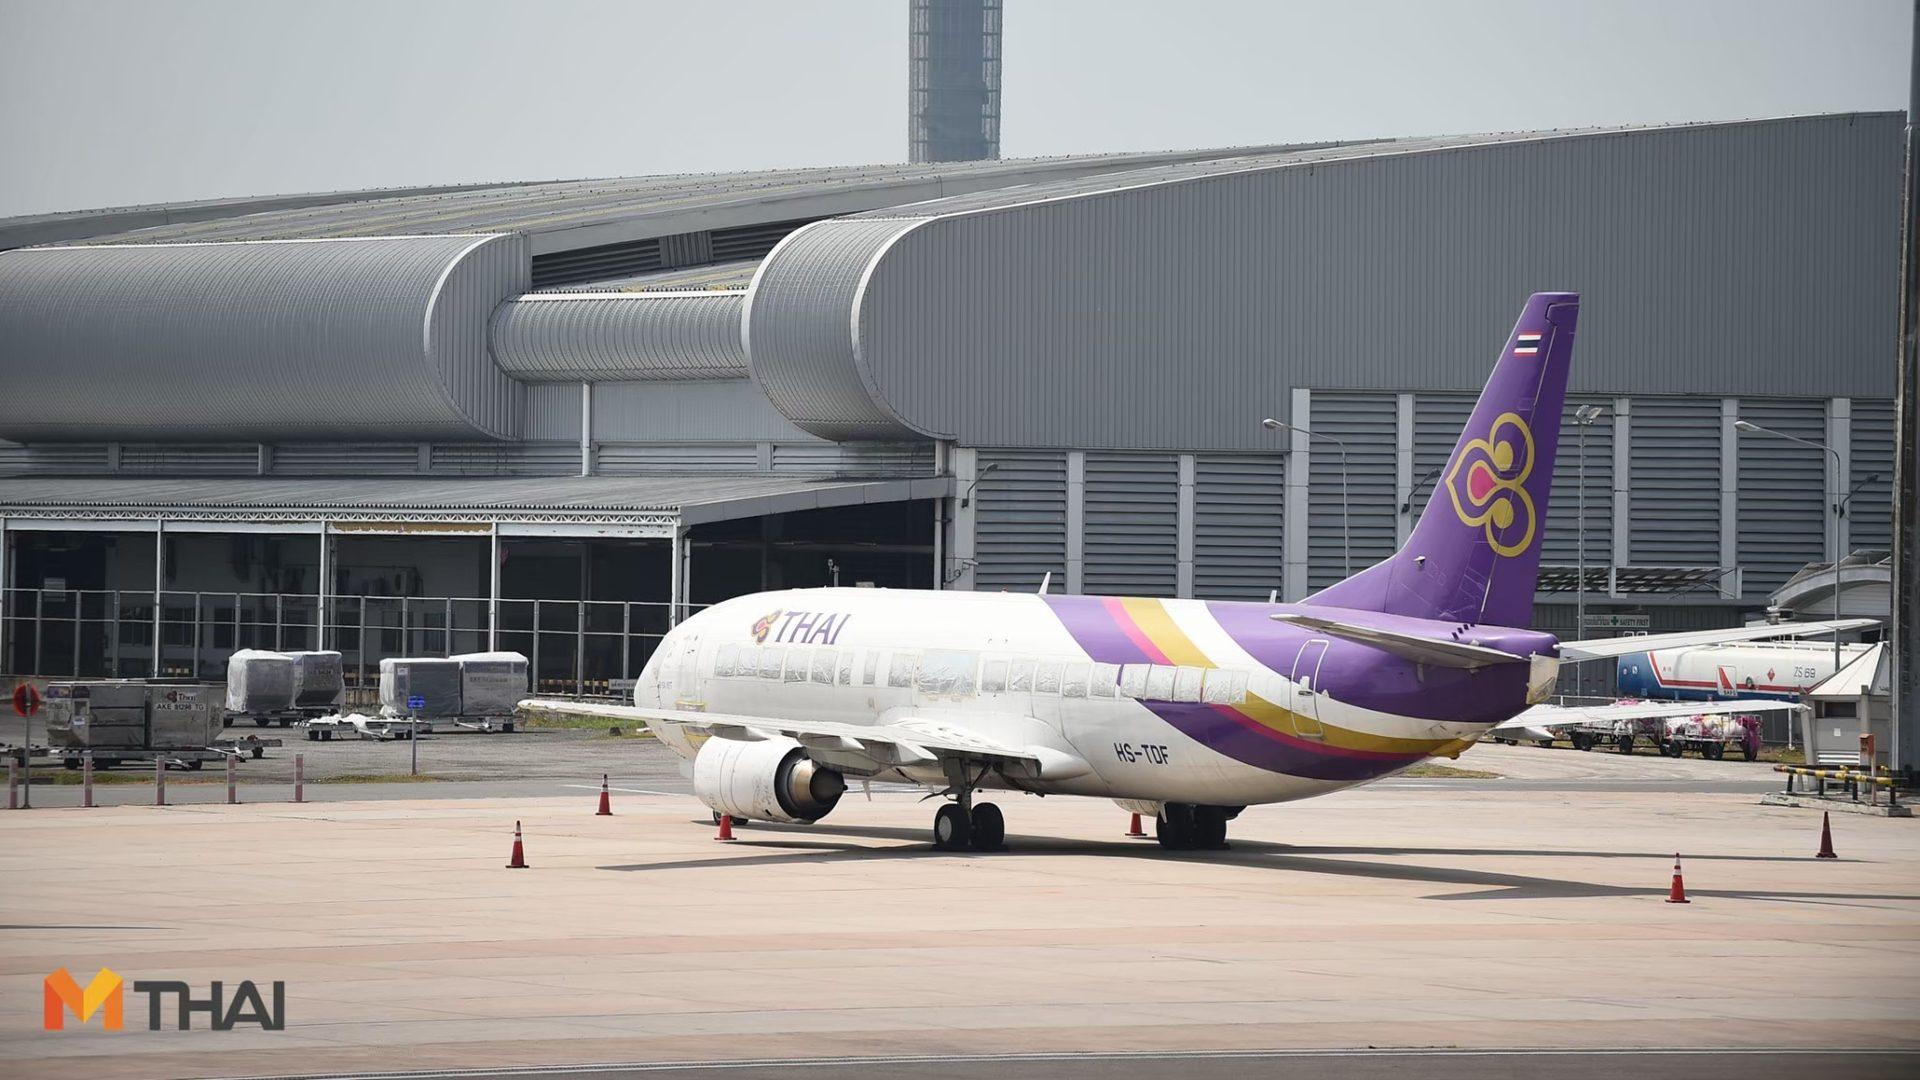 """ศาลฯ มีคำสั่งให้ """"การบินไทย"""" ตั้งผู้จัดทำแผนฟื้นฟูแก้หนี้ 3.32 แสนล้านบาท"""